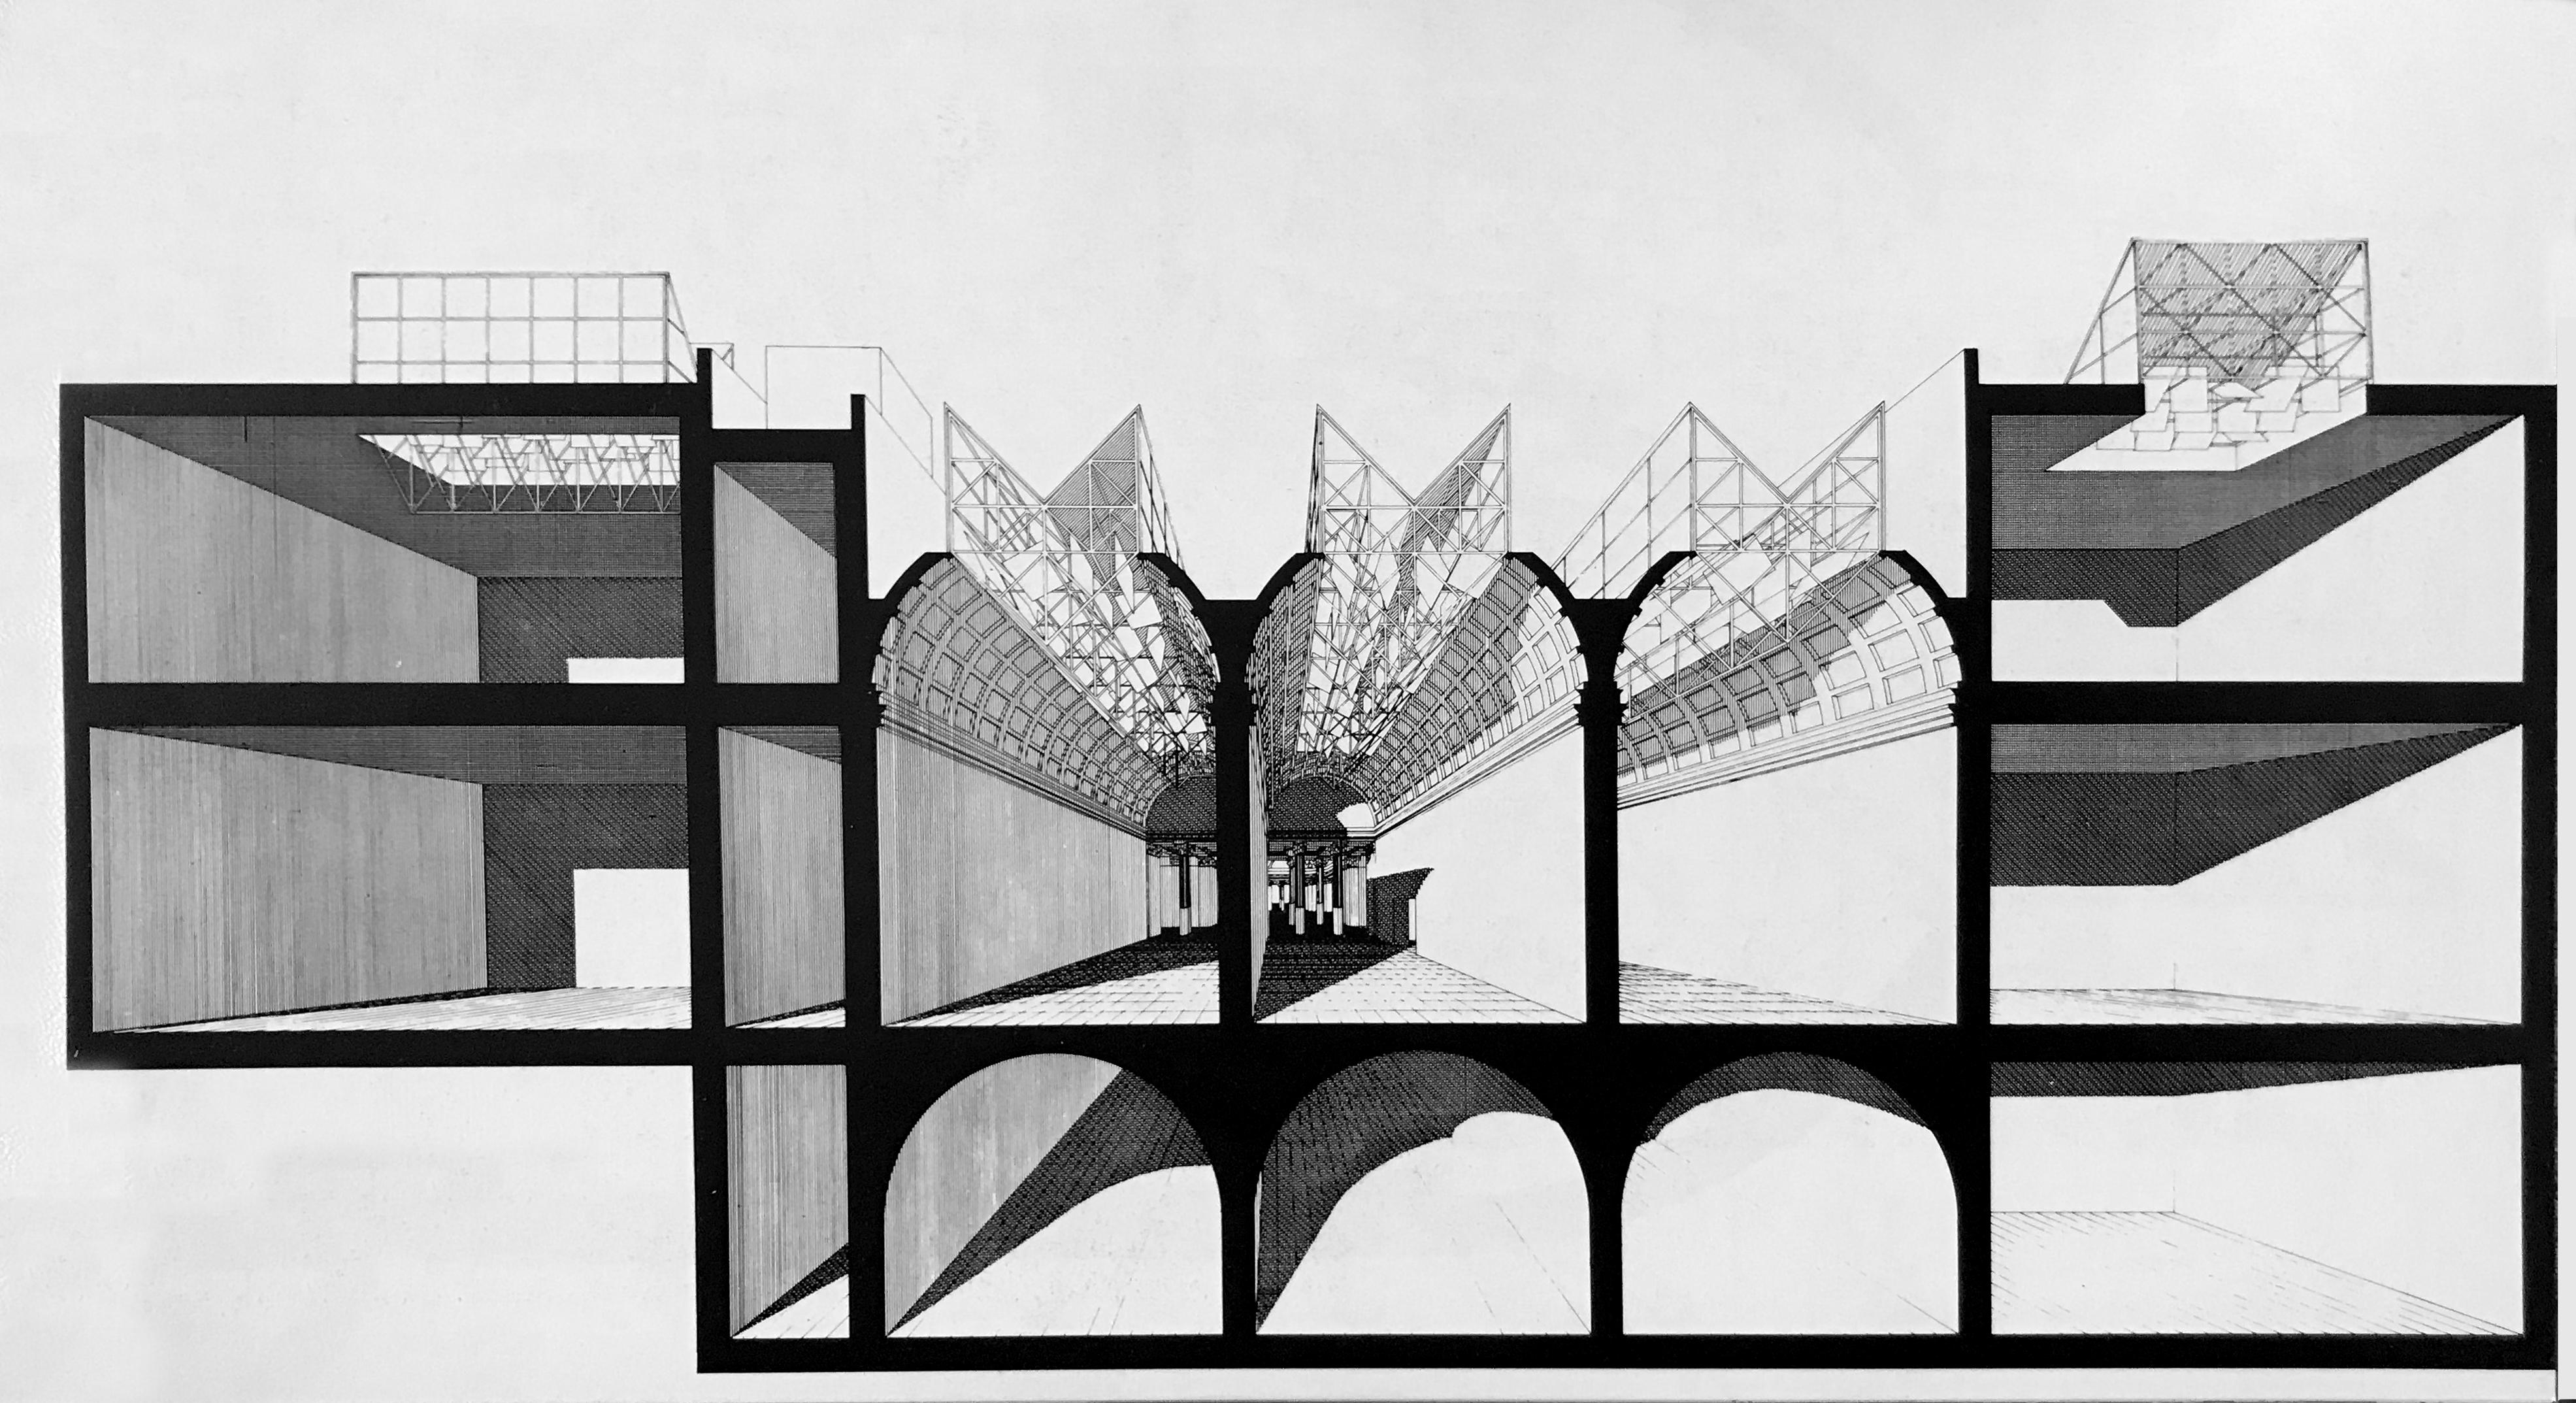 1990_Costantino DARDI_Progetto di ristrutturazione del Palazzo delle Esposizioni